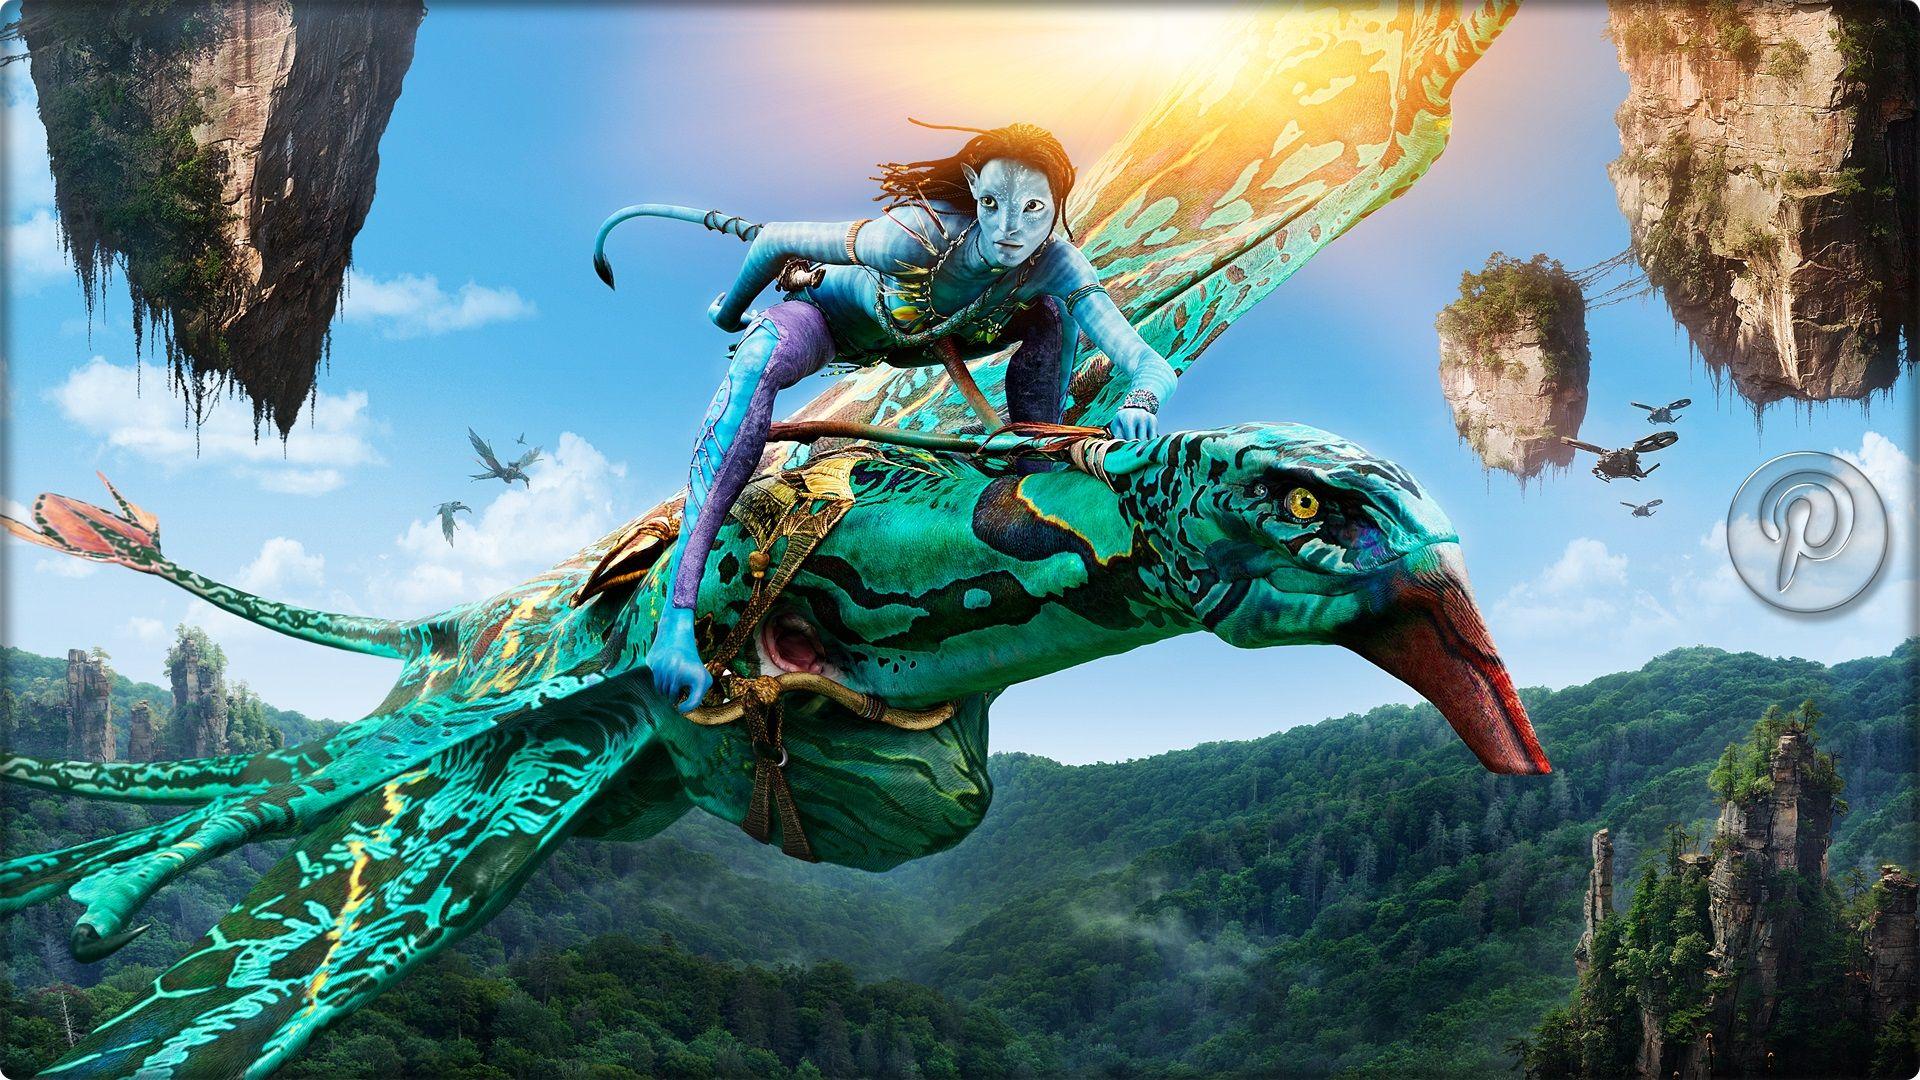 Pin By Sloane Brasseaux On Avatar In 2019 Avatar Movie